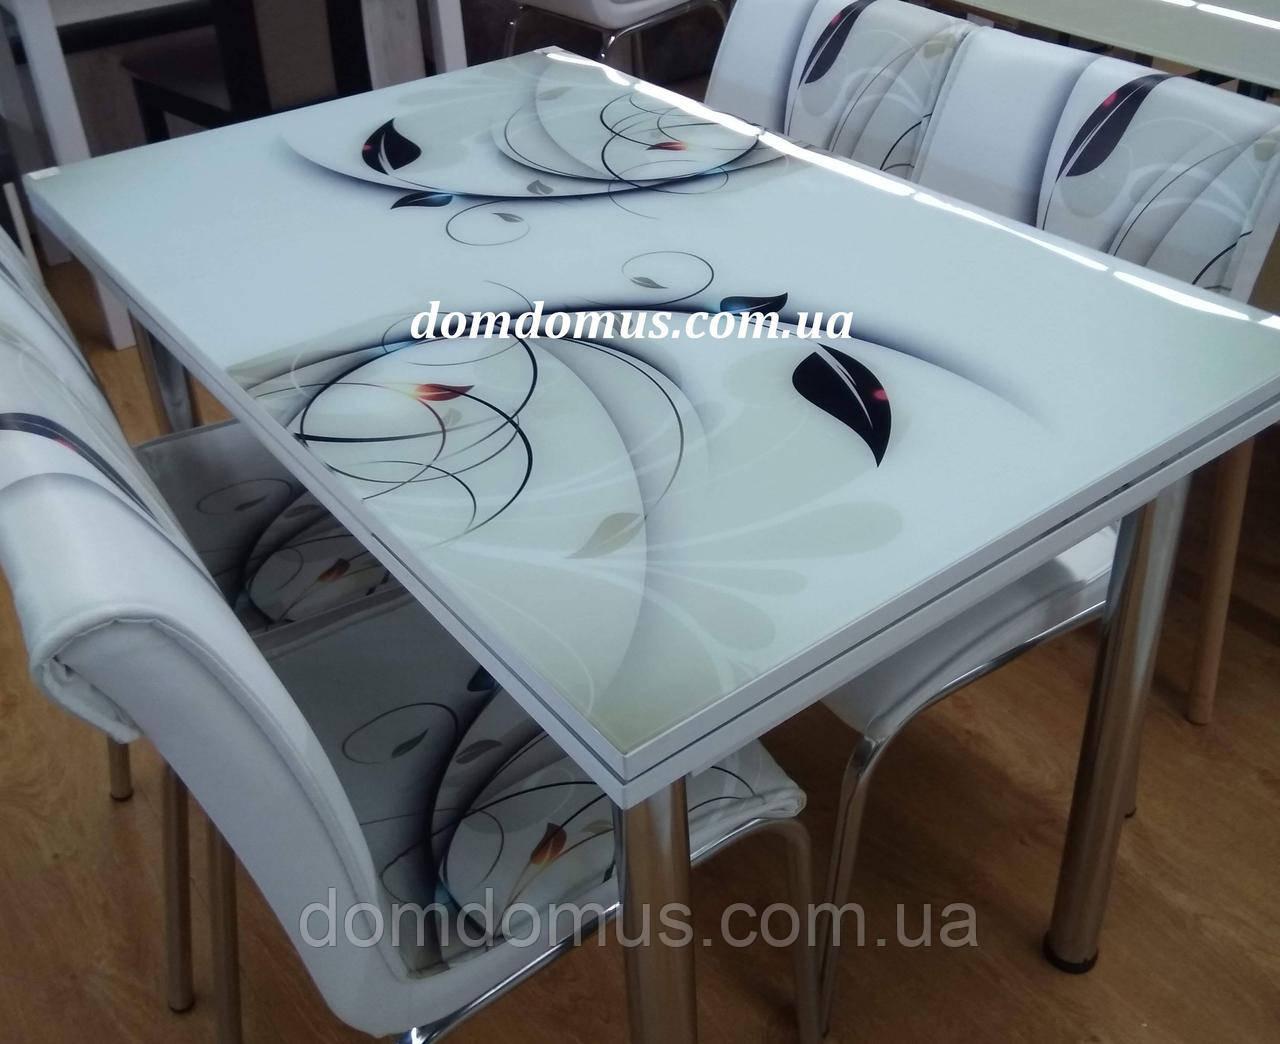 """Стіл скляний розкладний """"Гілочка"""" (стіл ДСП, гартоване скло) Mobilgen, Туреччина"""